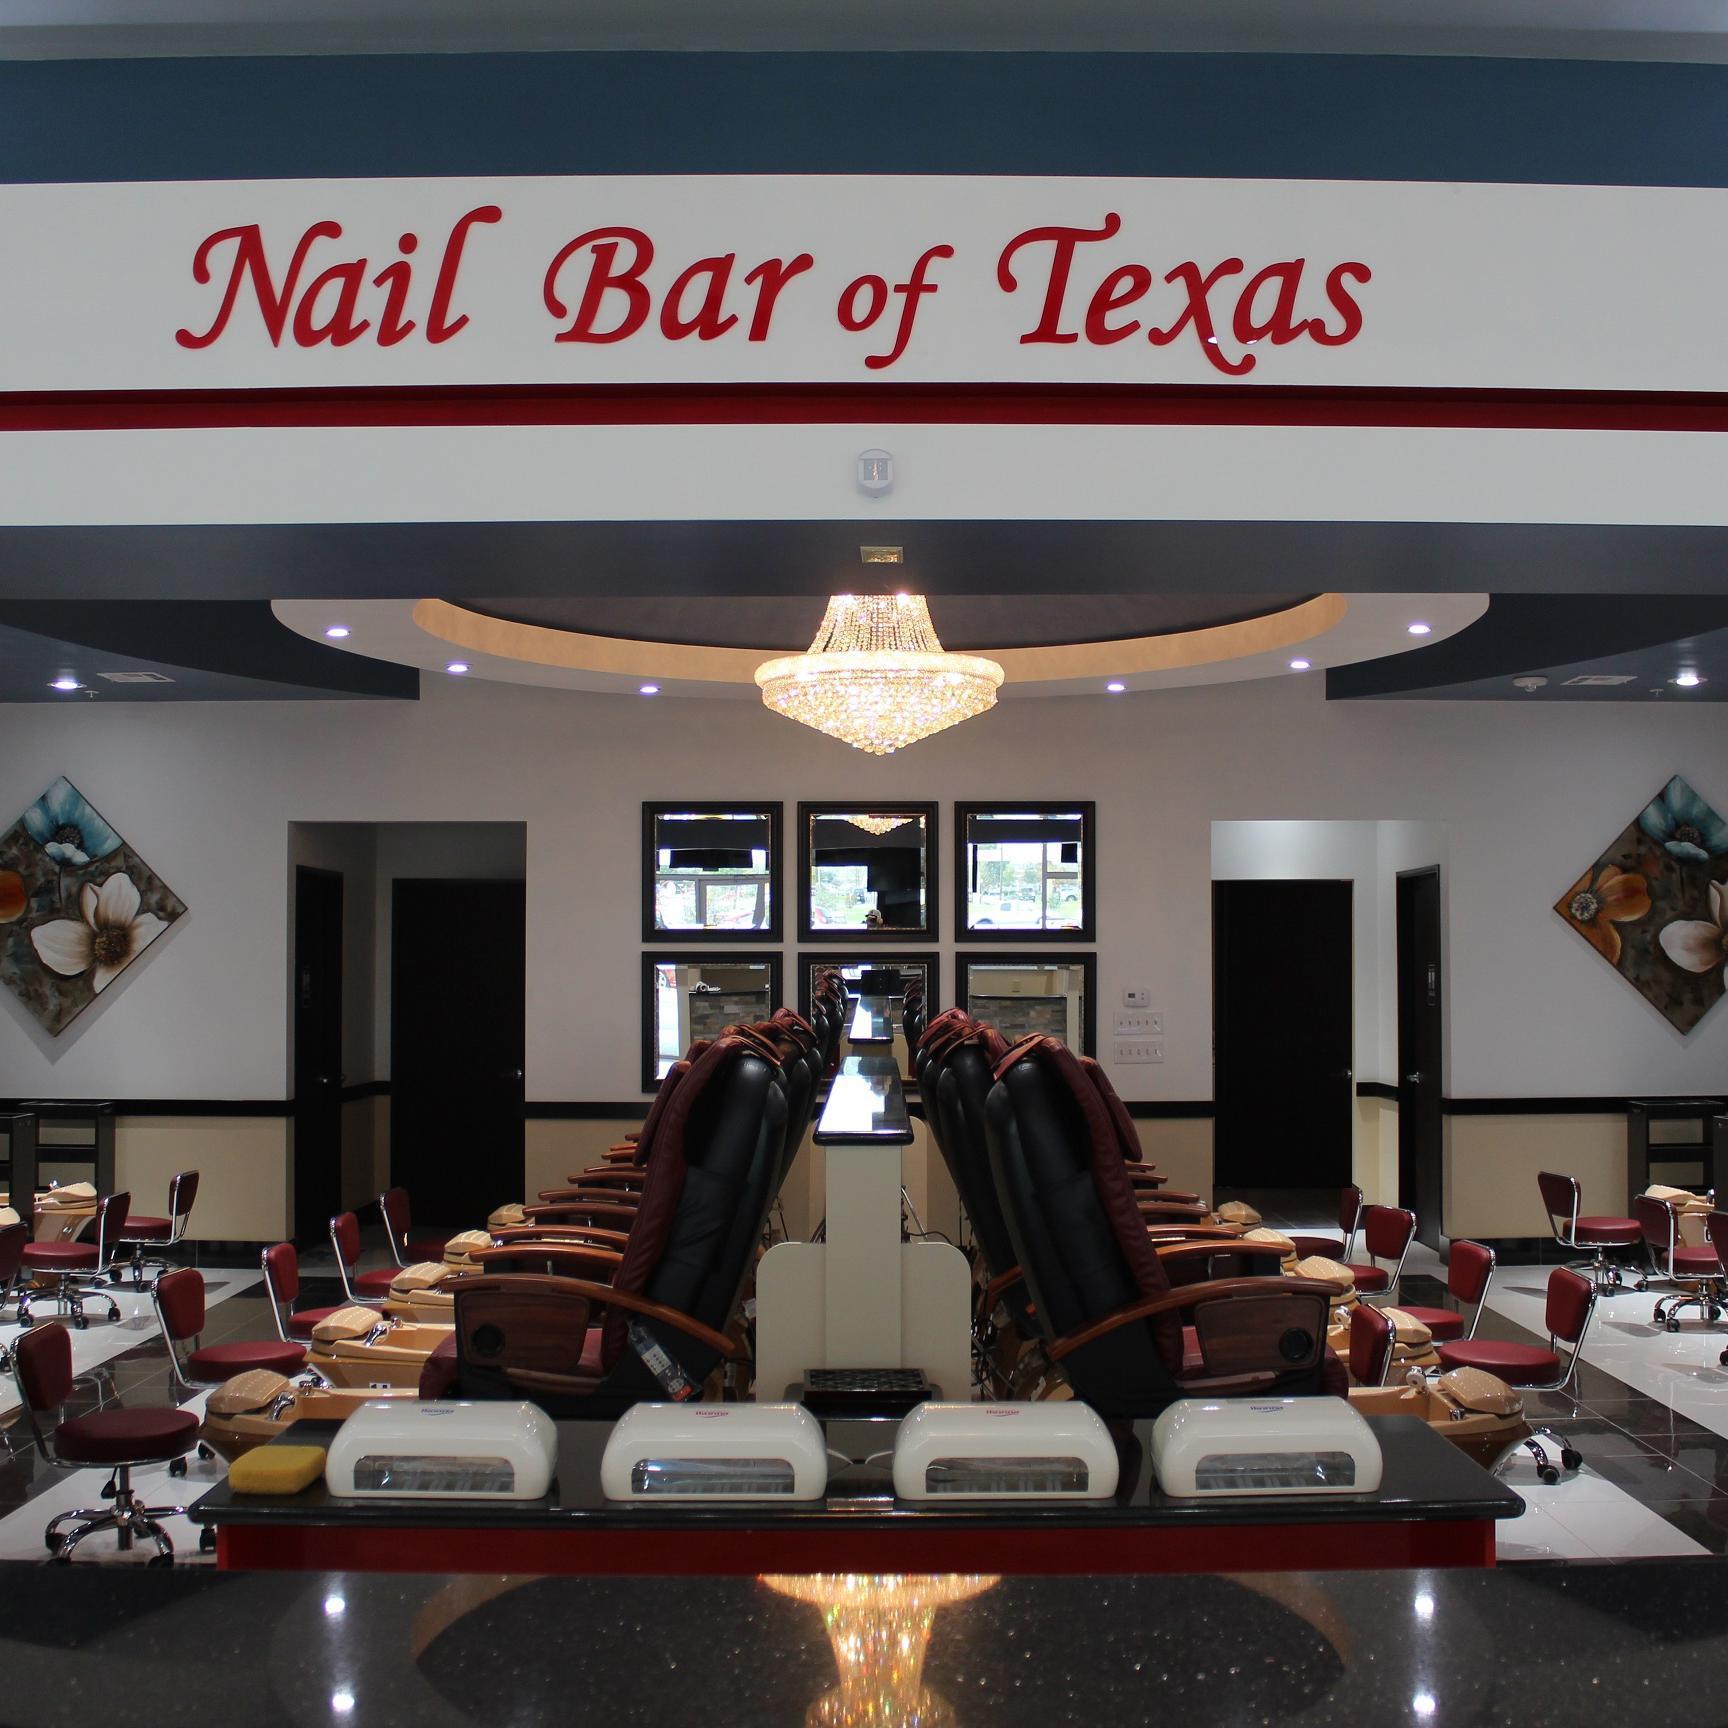 Nail Bar: Nail Bar (@nailbaroftexas)